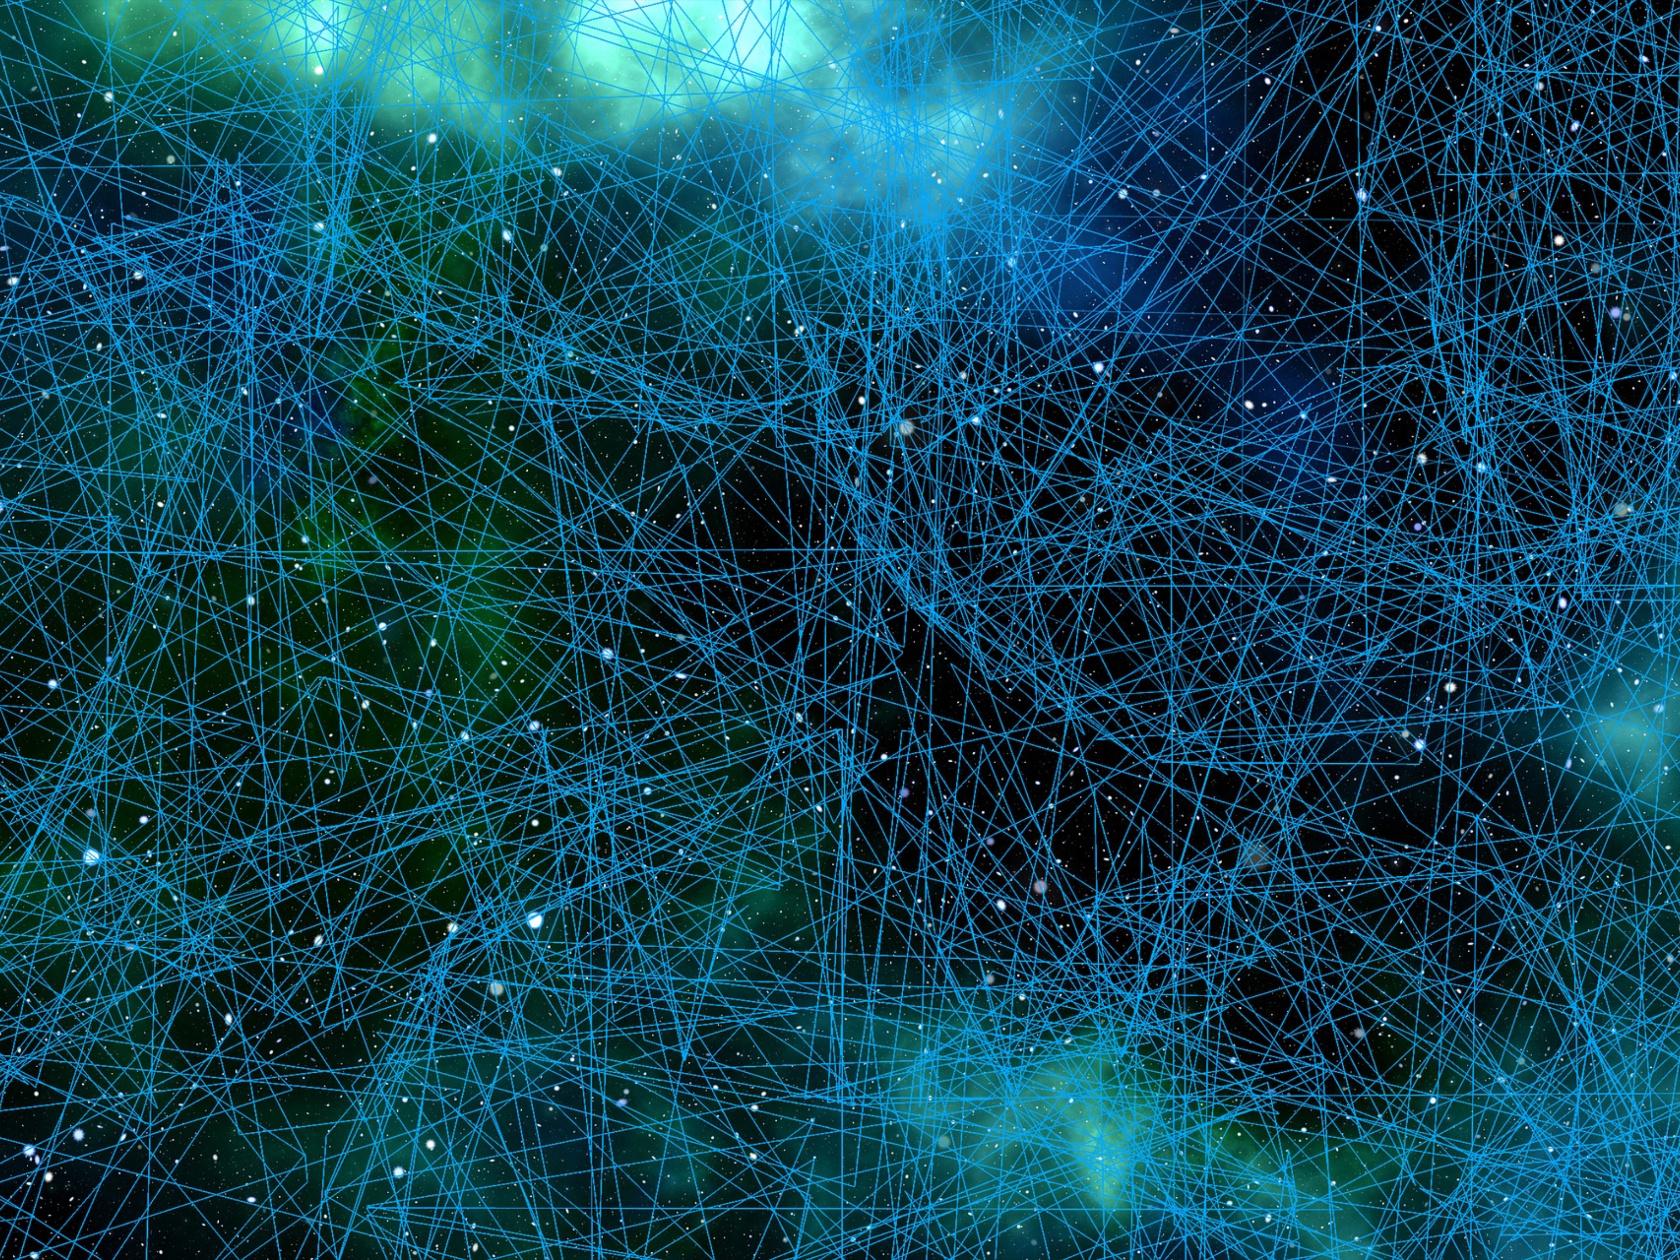 第52話|ディープラーニングと唱えてもデータ活用は実現しないという現実